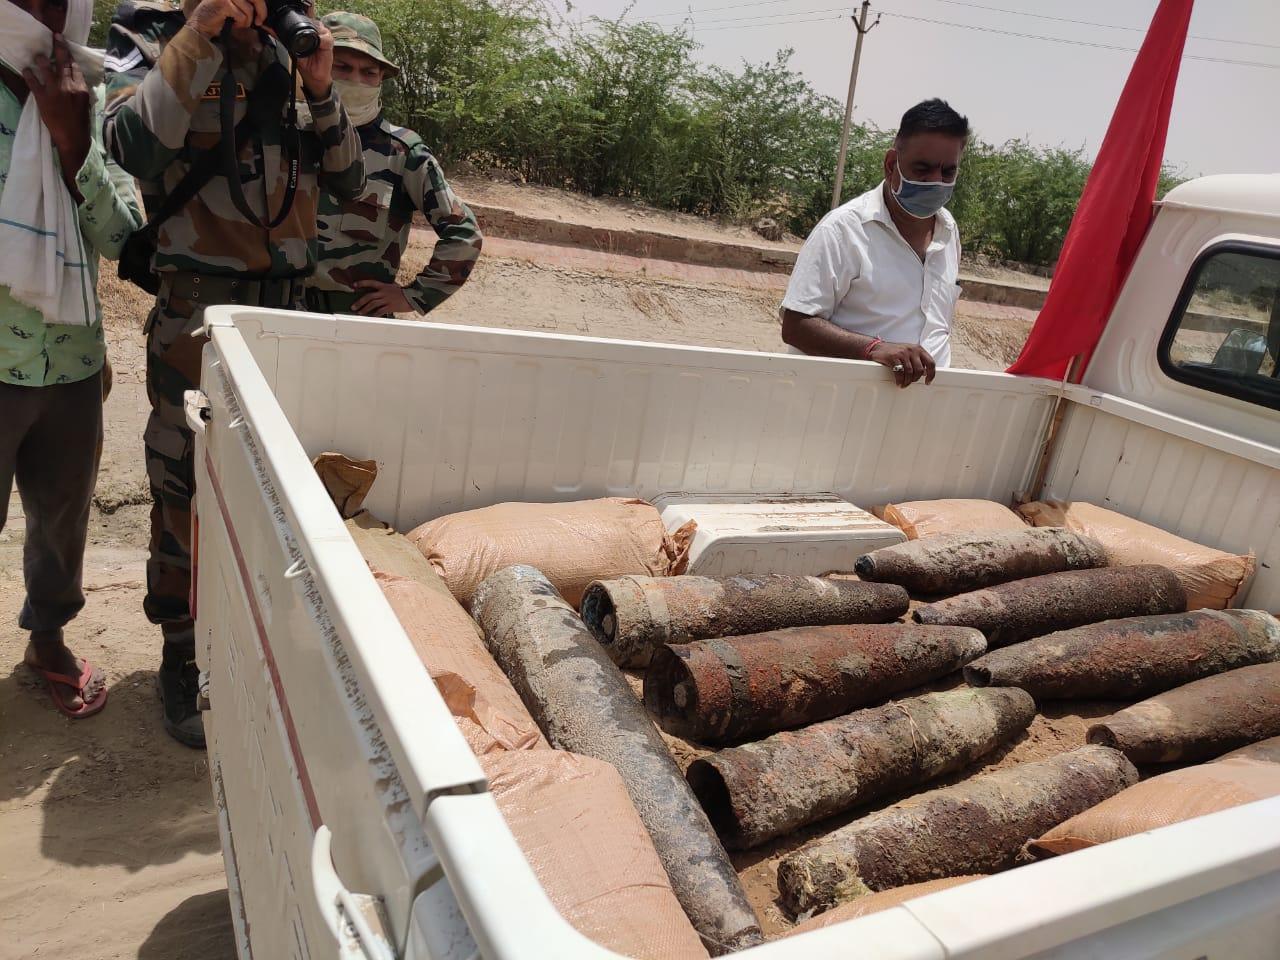 कई दिन से रखे थे पुलिस की कस्टडी में, अब किए गए सेना के सुपुर्द, महाजन रेंज में किए जाएंगे डिफ्यूज|श्रीगंंगानगर,Sriganganagar - Dainik Bhaskar